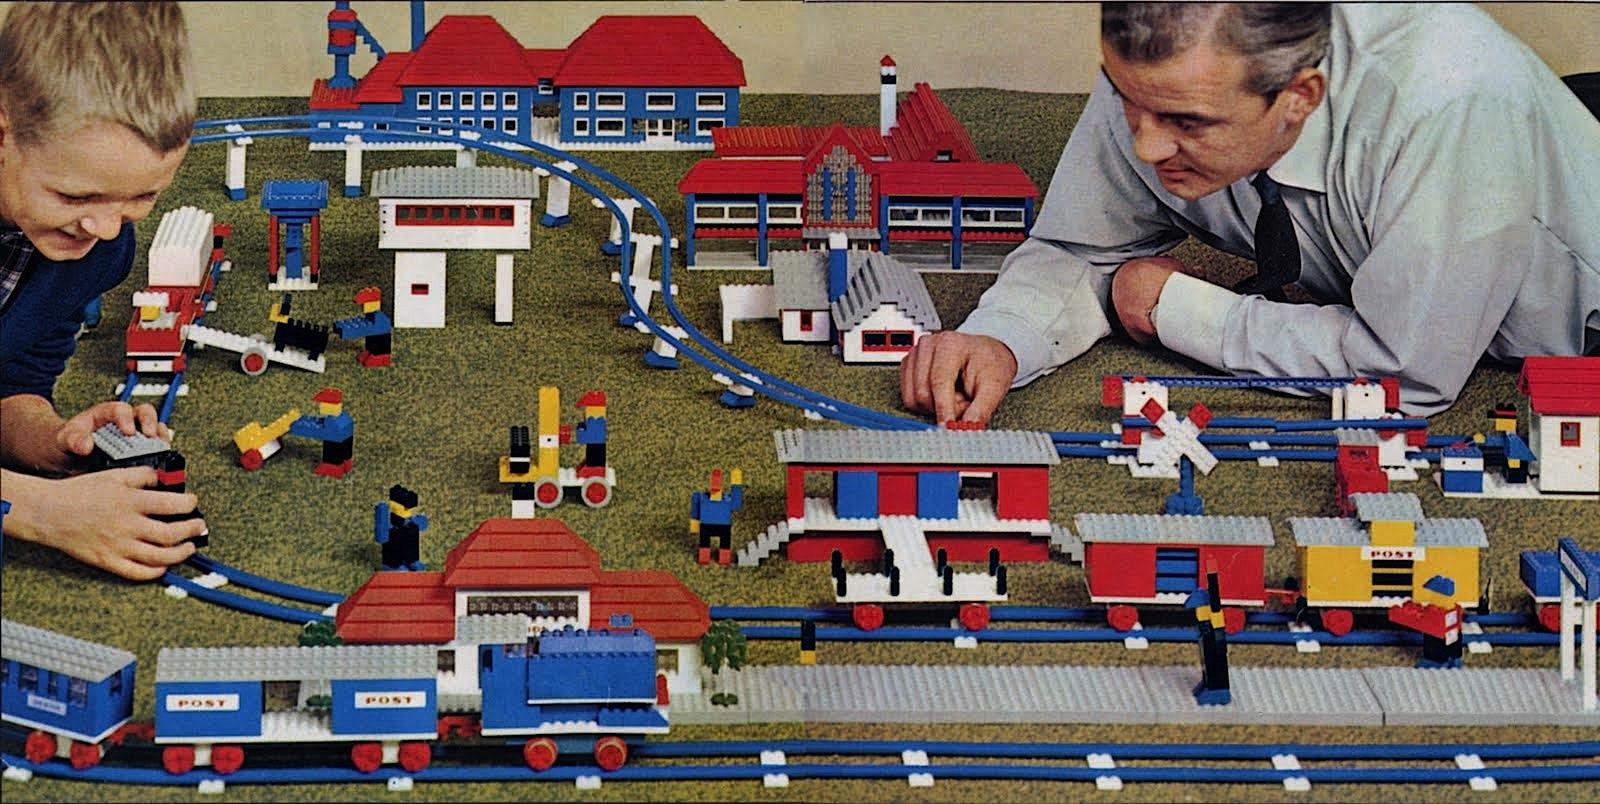 Lego_system_co_Vintage